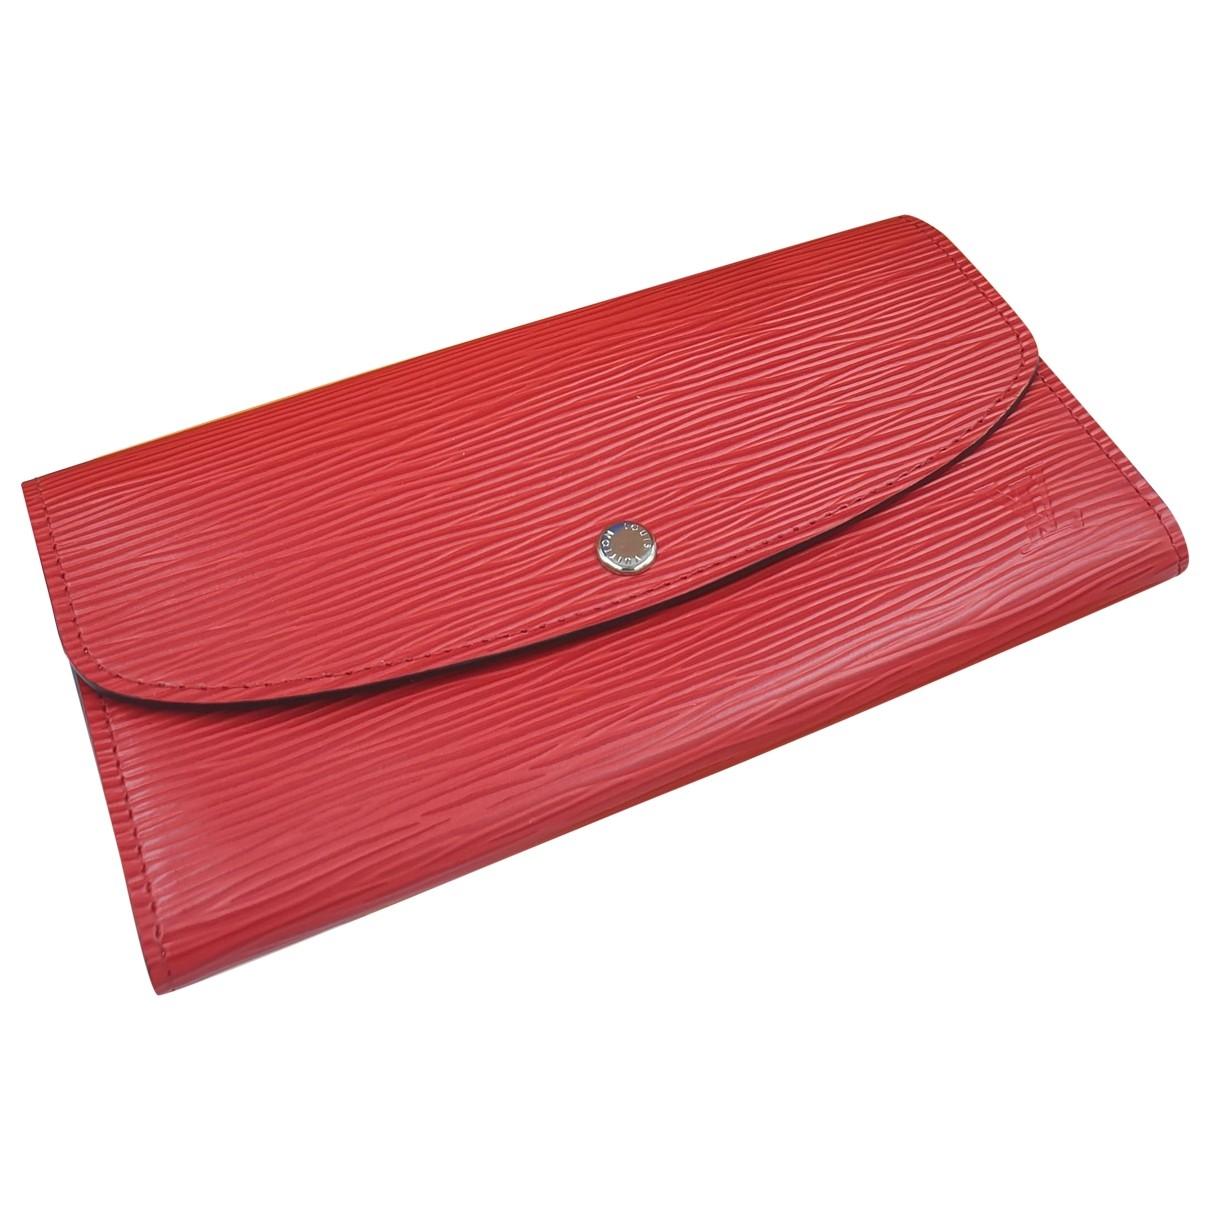 Louis Vuitton Emilie Portemonnaie in  Rot Leder